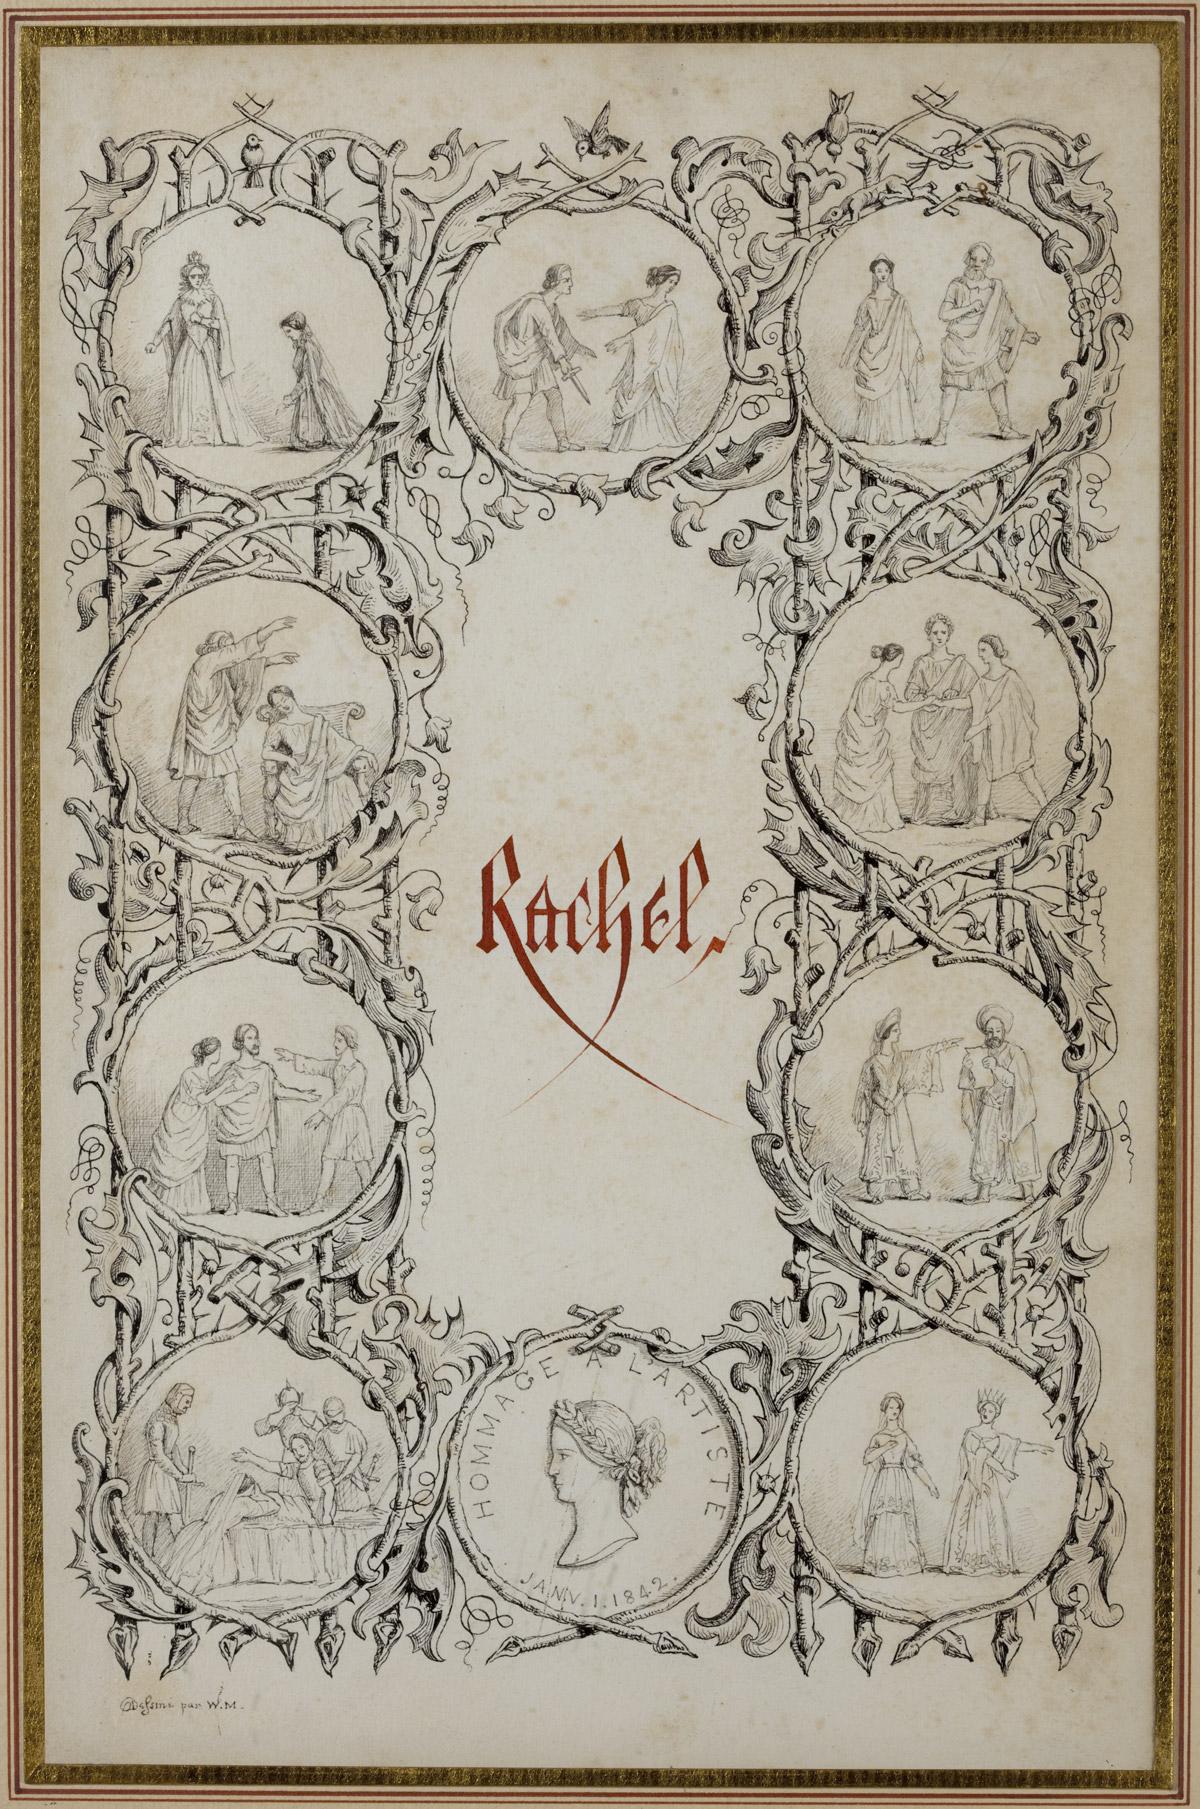 Hommage à Rachel, dessin à la plume - Patrimoine Charles-André COLONNA WALEWSKI, en ligne directe de Napoléon